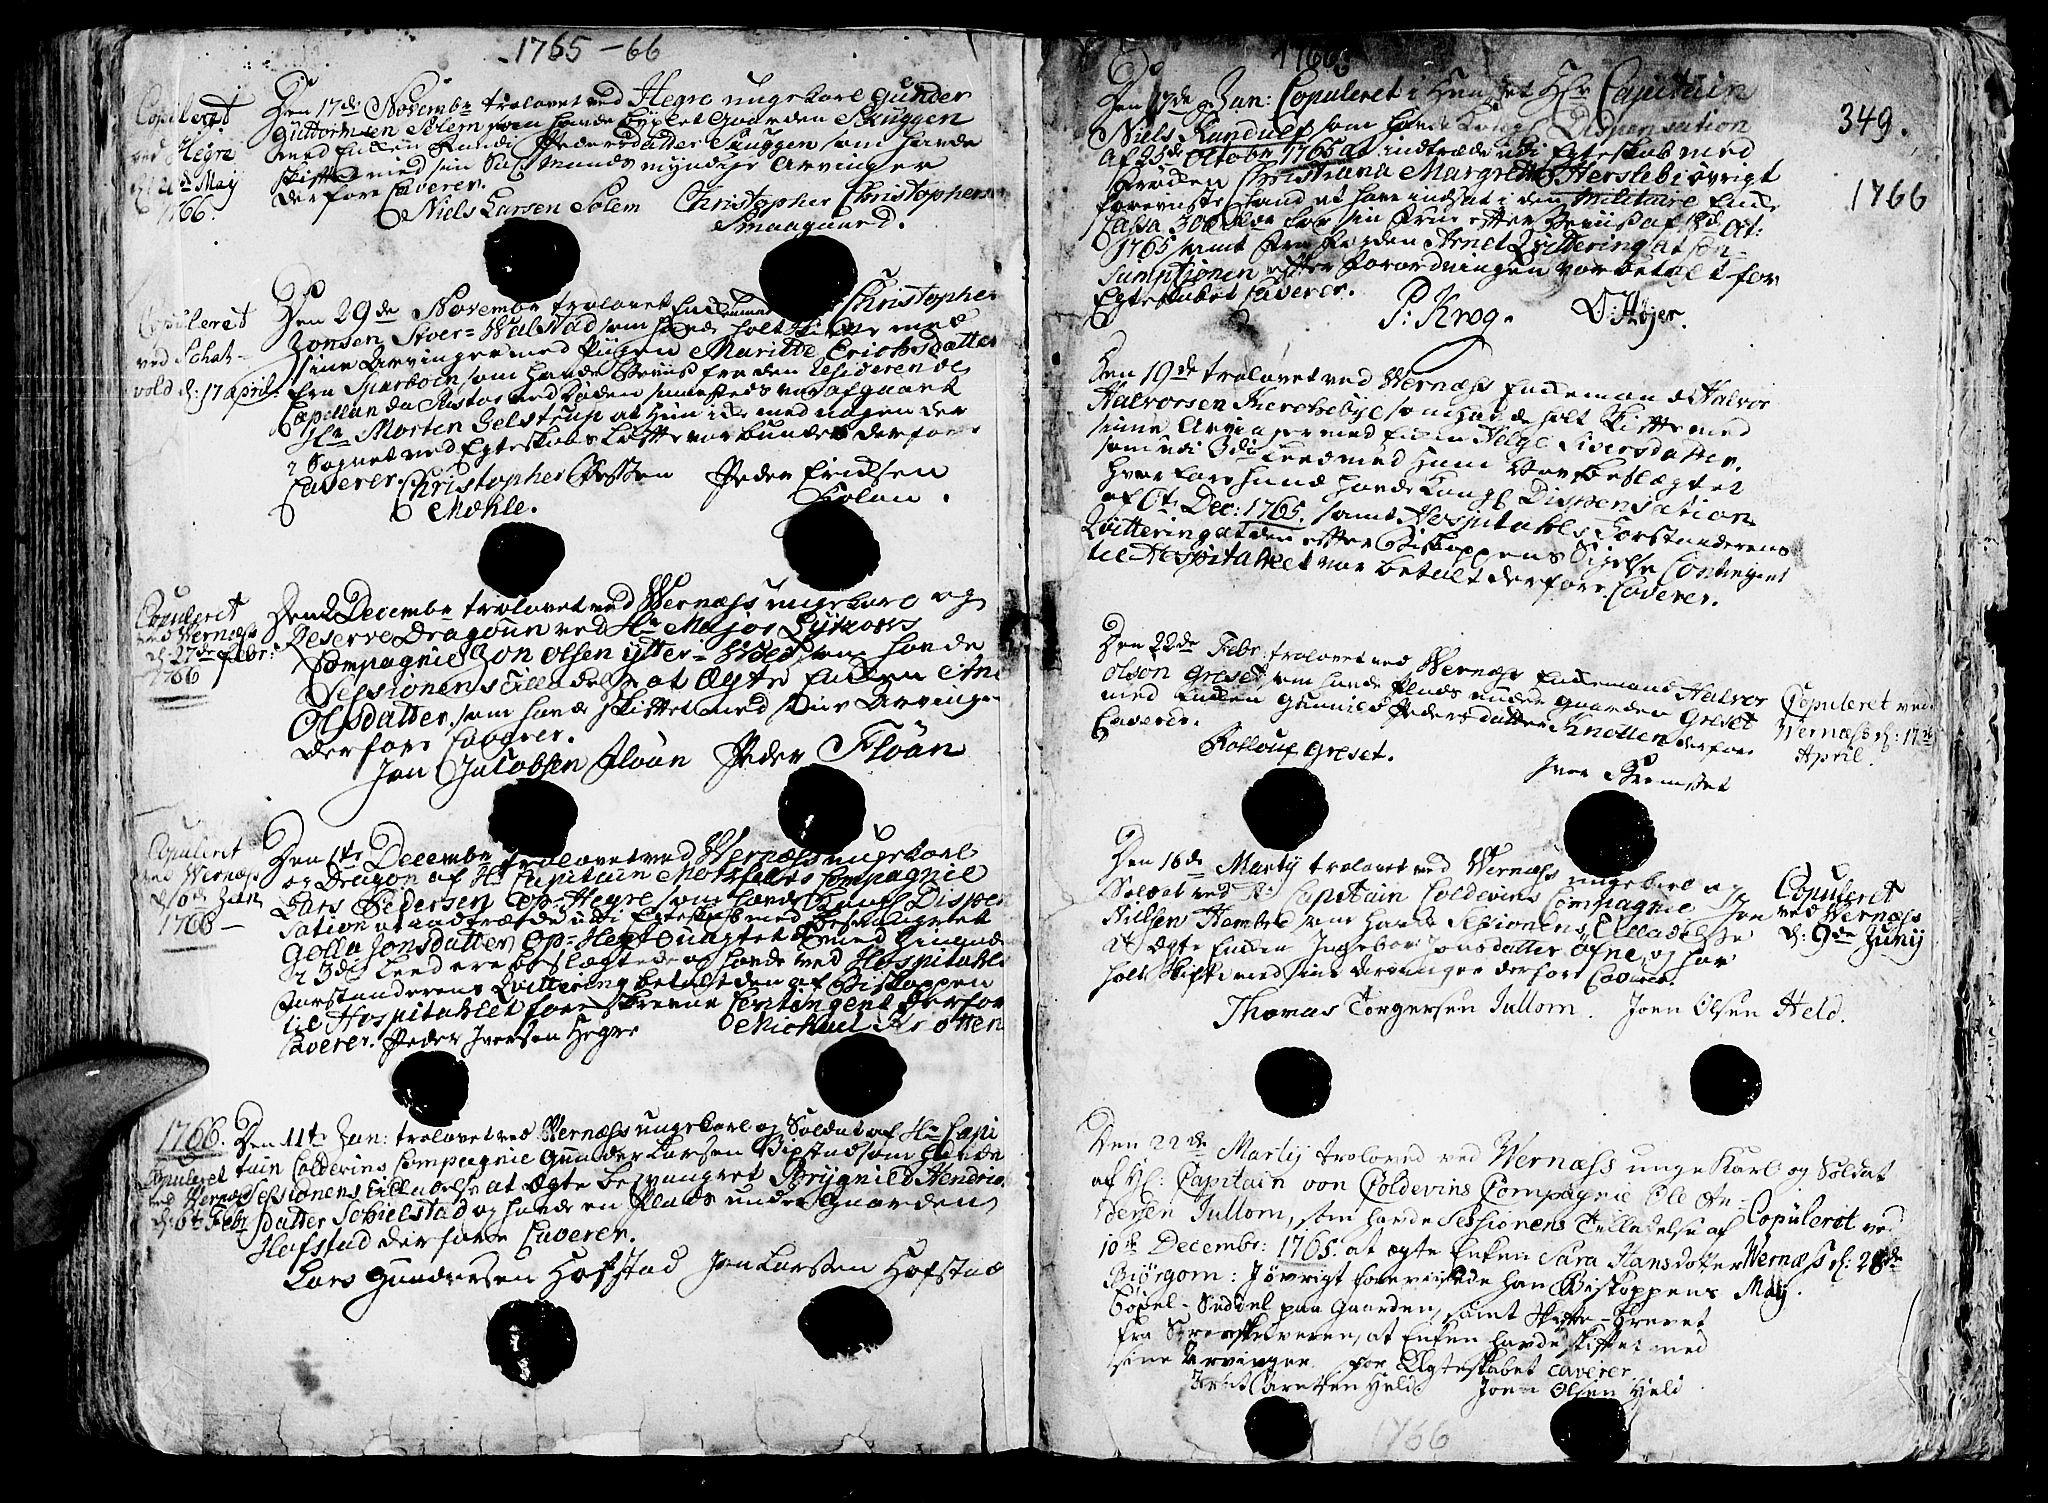 SAT, Ministerialprotokoller, klokkerbøker og fødselsregistre - Nord-Trøndelag, 709/L0057: Ministerialbok nr. 709A05, 1755-1780, s. 349